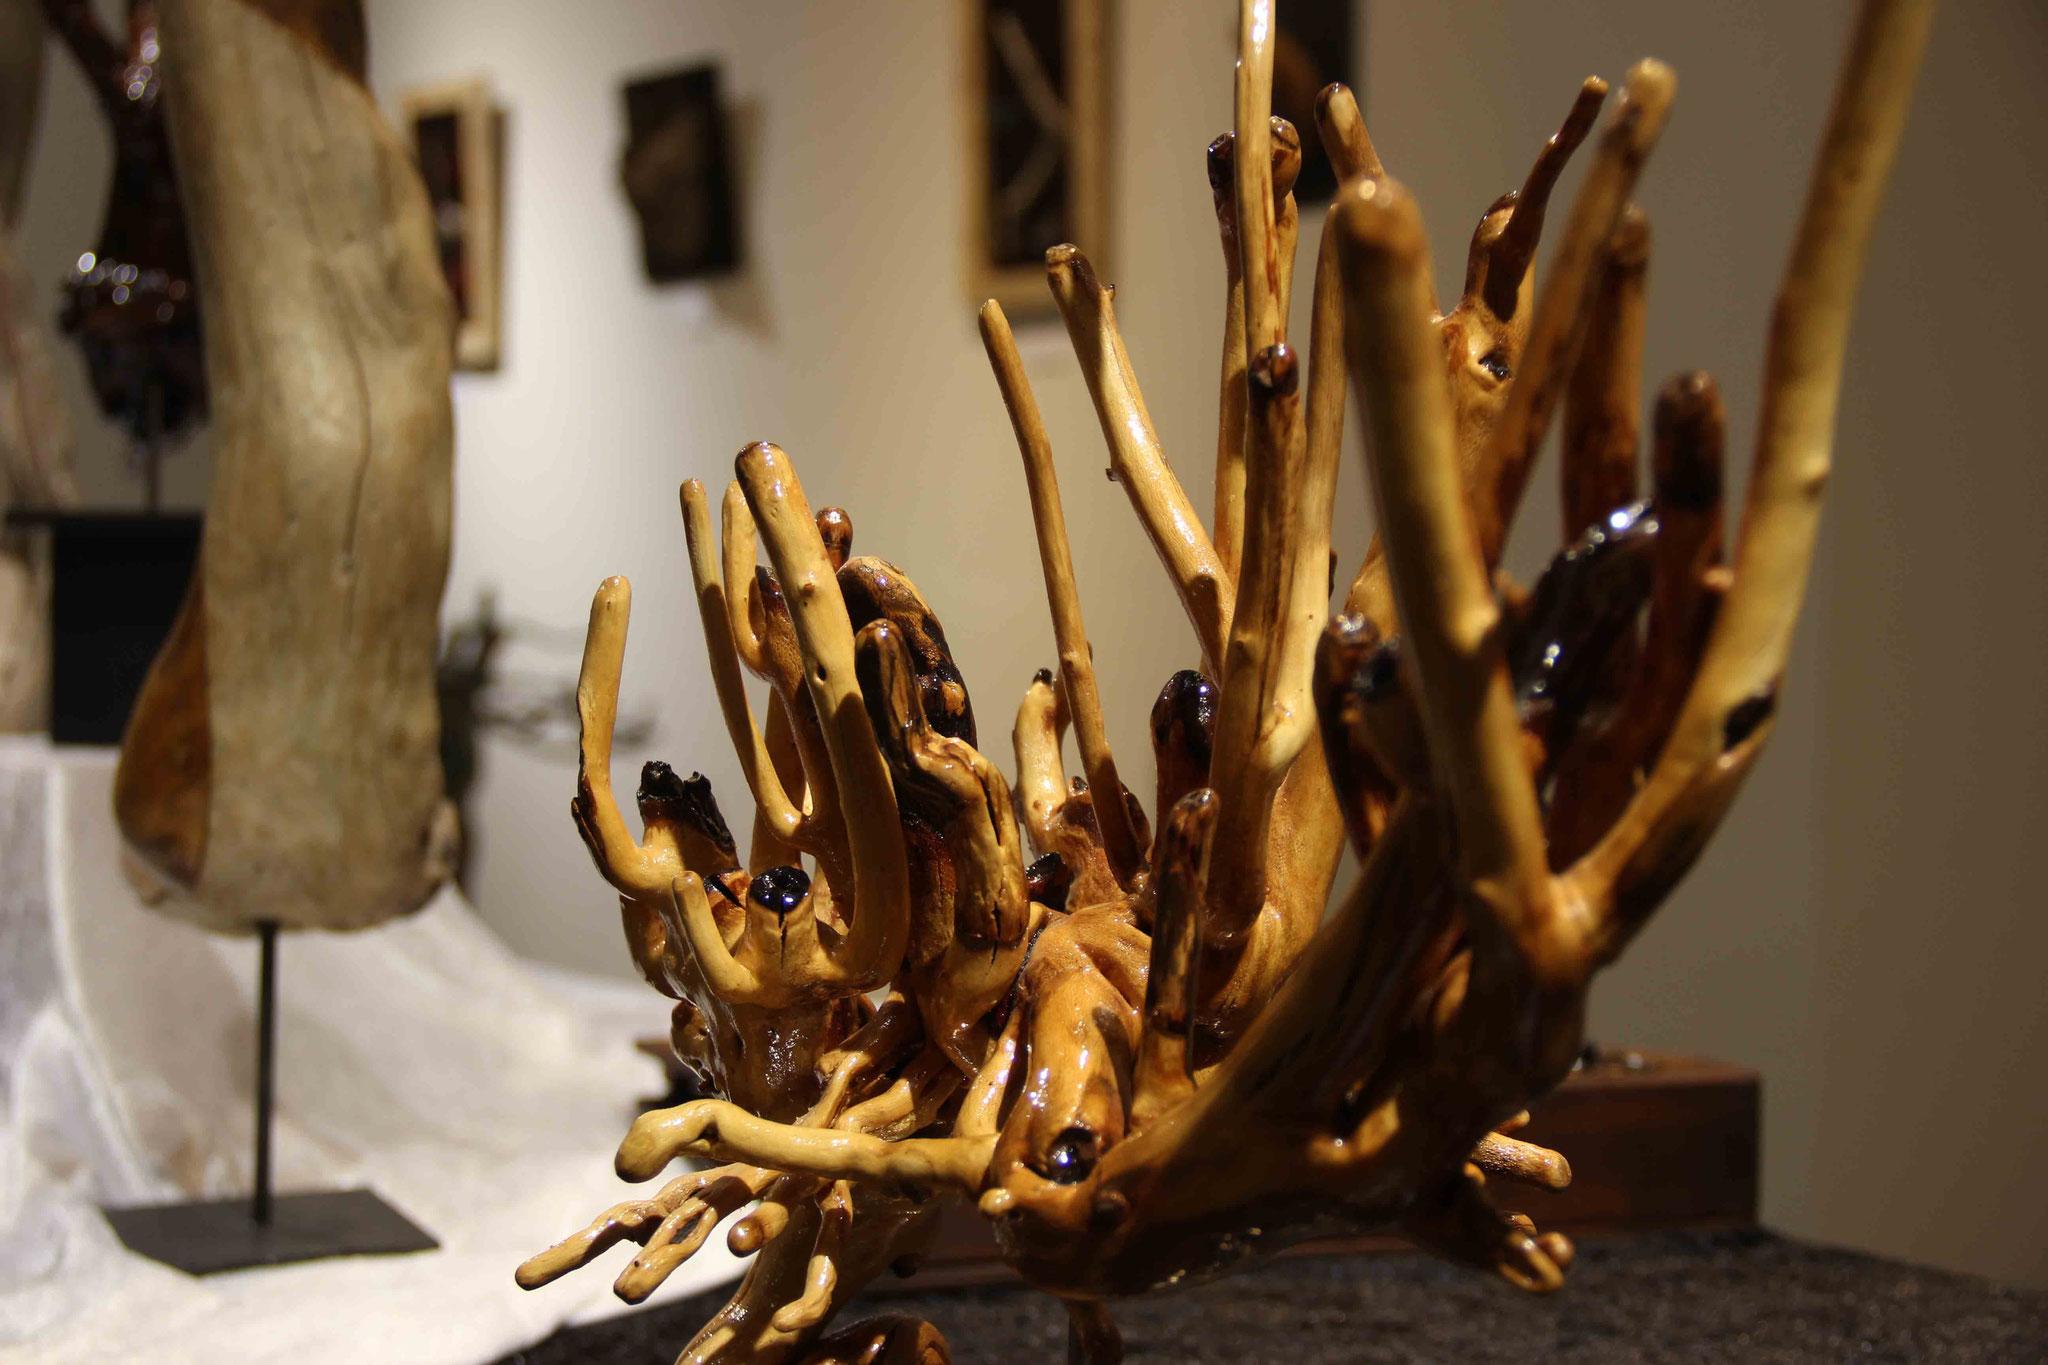 Ausstellung Alte Wache, Rathaus Traunstein, Michael Stowasser